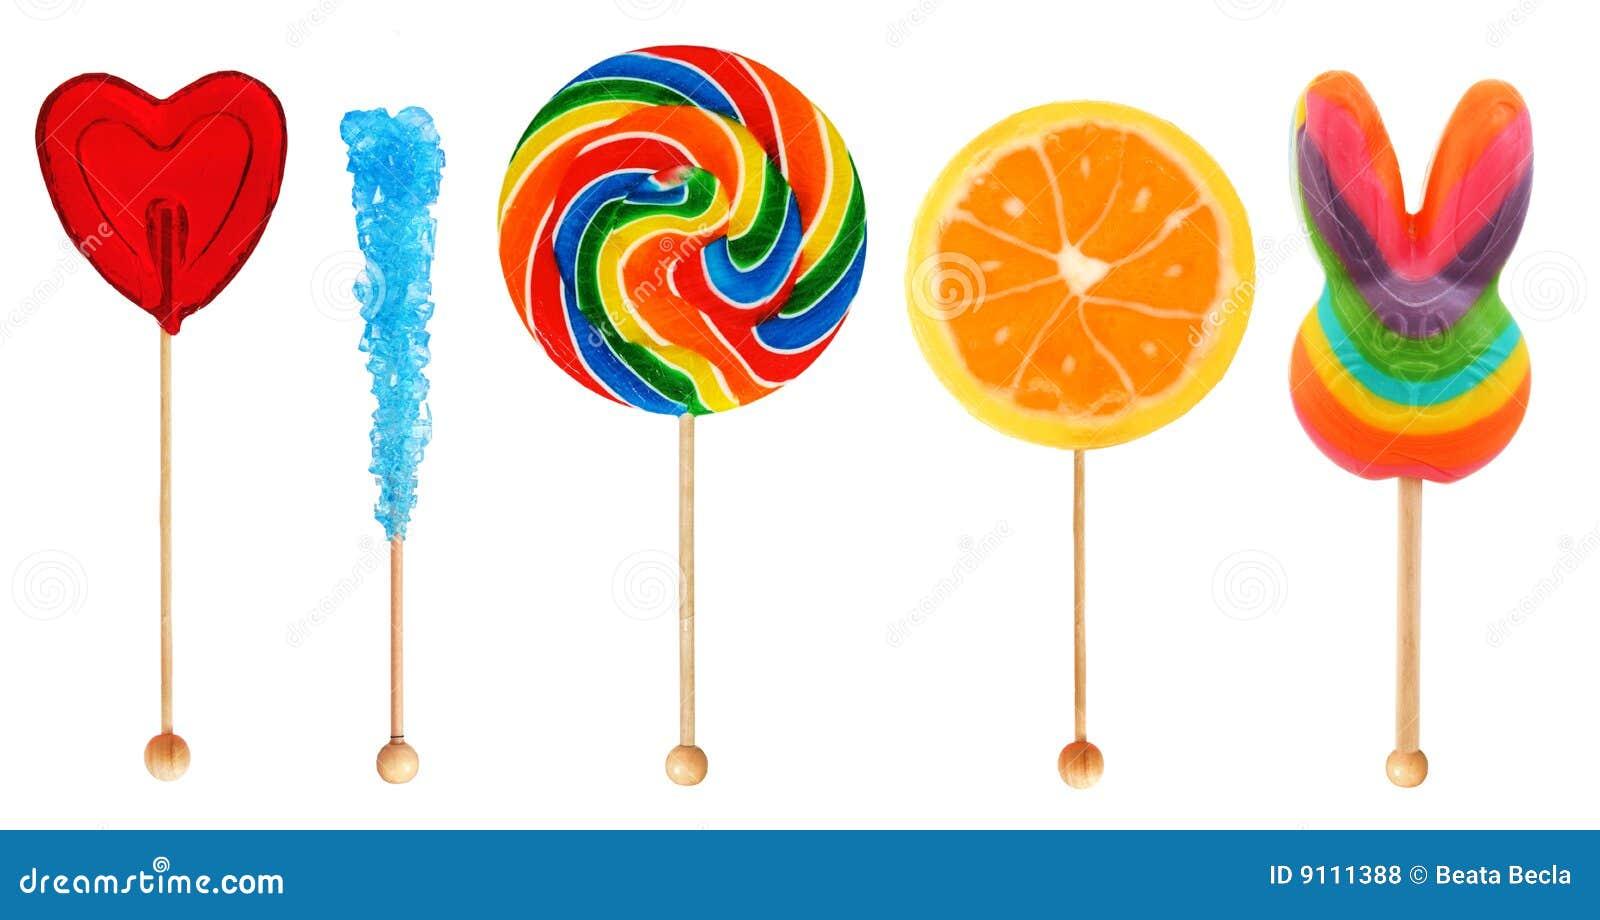 Lolipops - candy on a stick